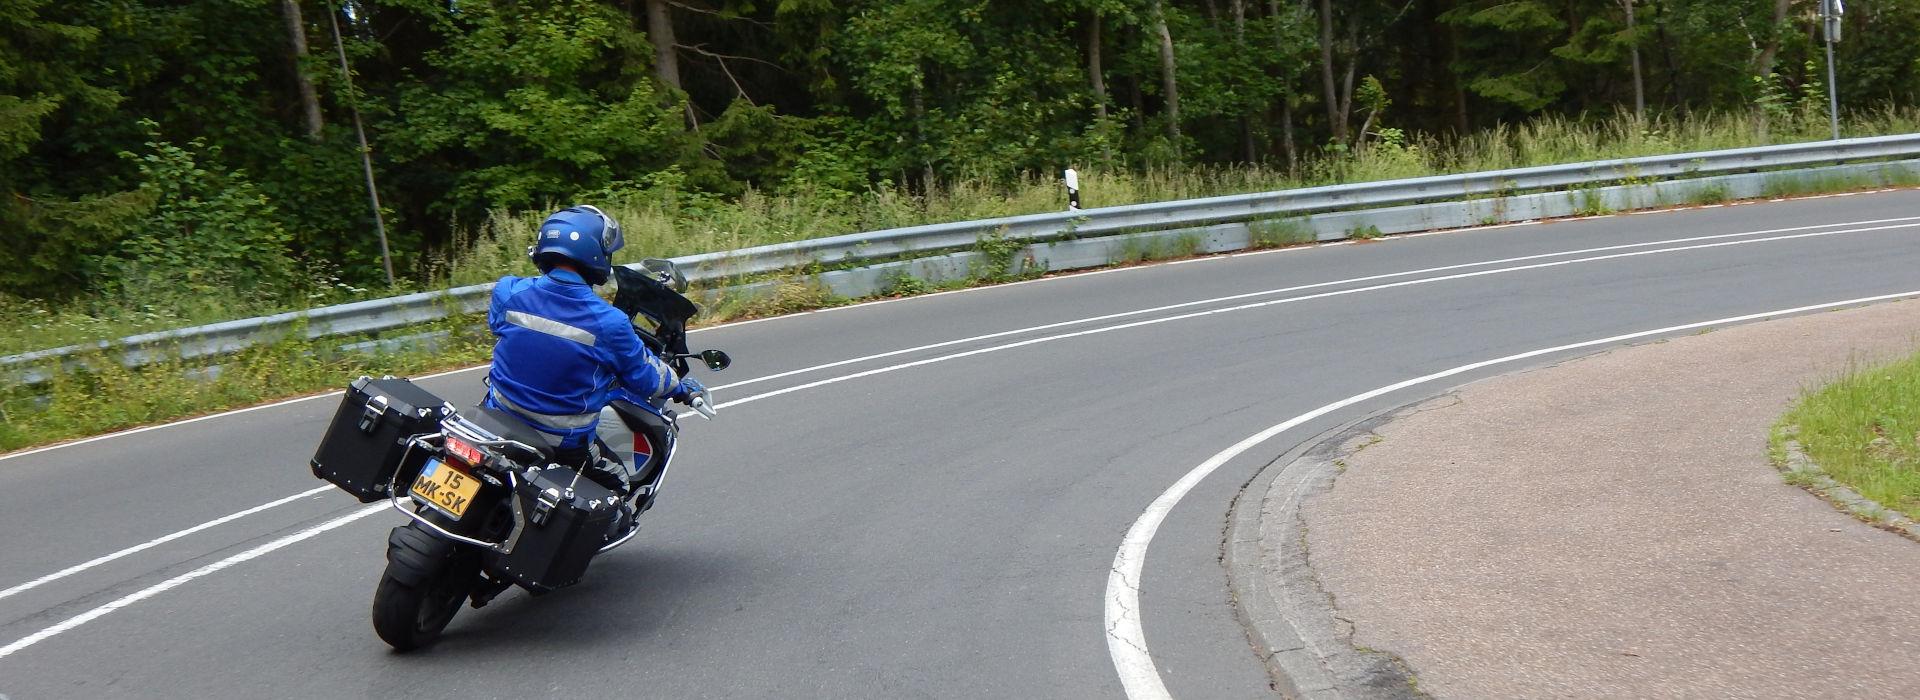 Motorrijbewijspoint Houten snelcursus motorrijbewijs